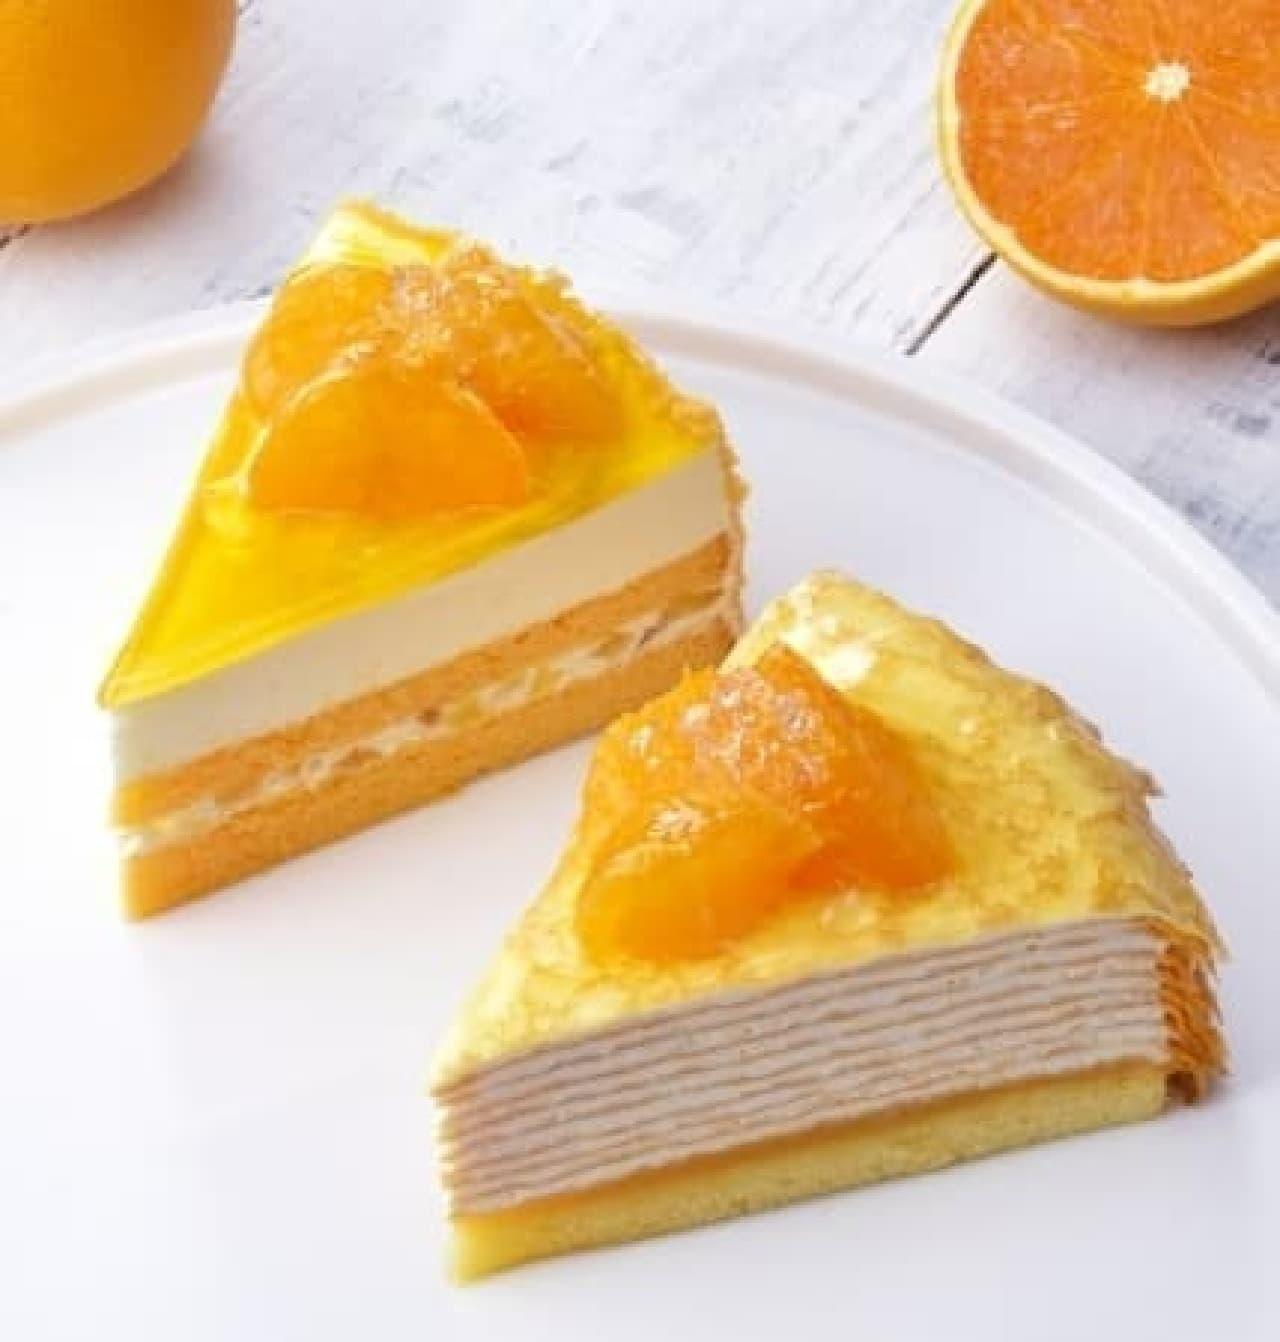 銀座コージーコーナー「清見オレンジのレアチーズ」と「清見オレンジのミルクレープ」